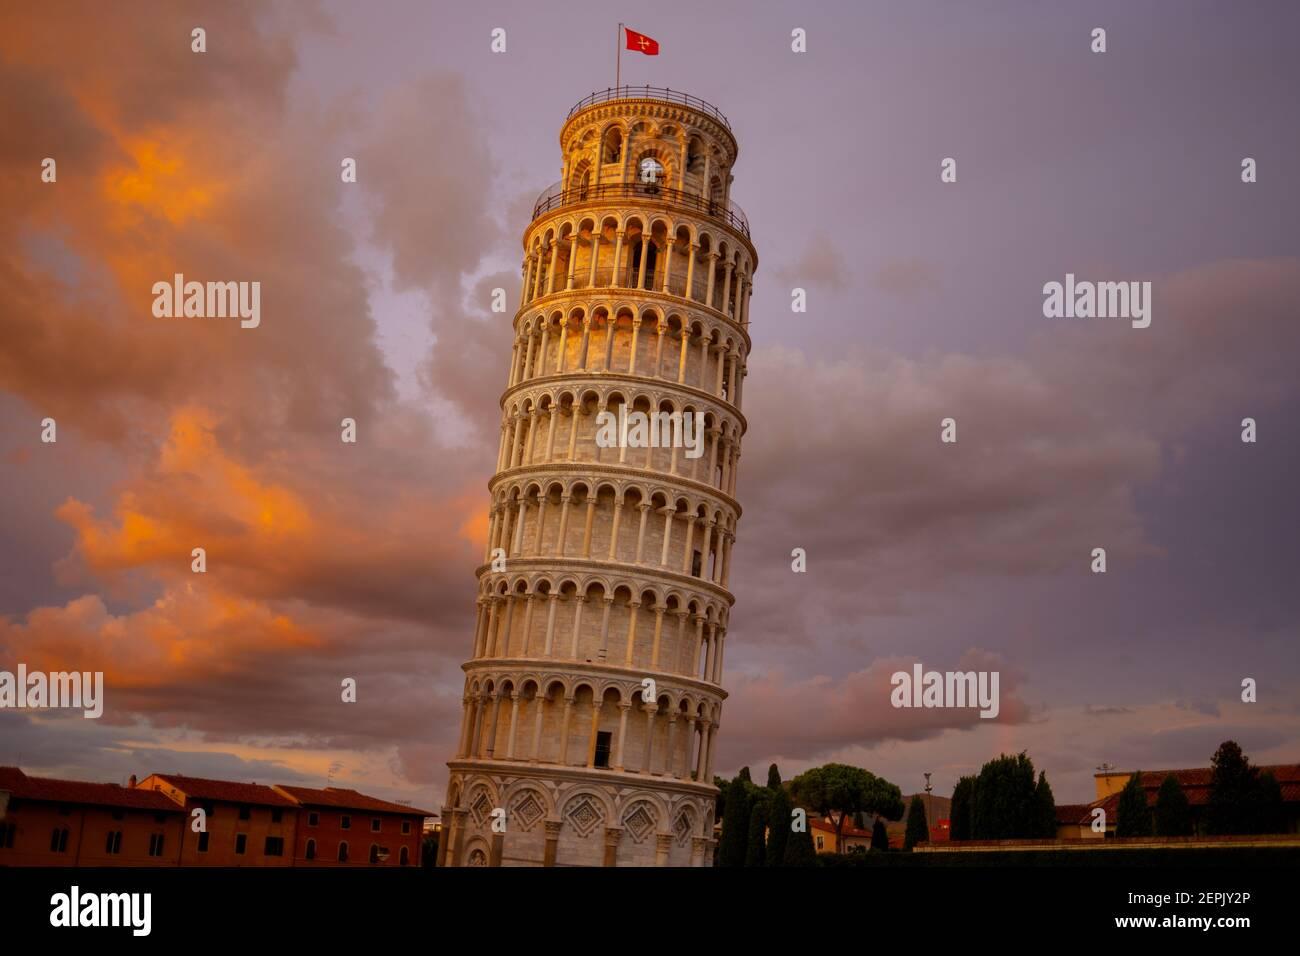 Con Torre inclinada en Pisa, Italia. Foto de stock